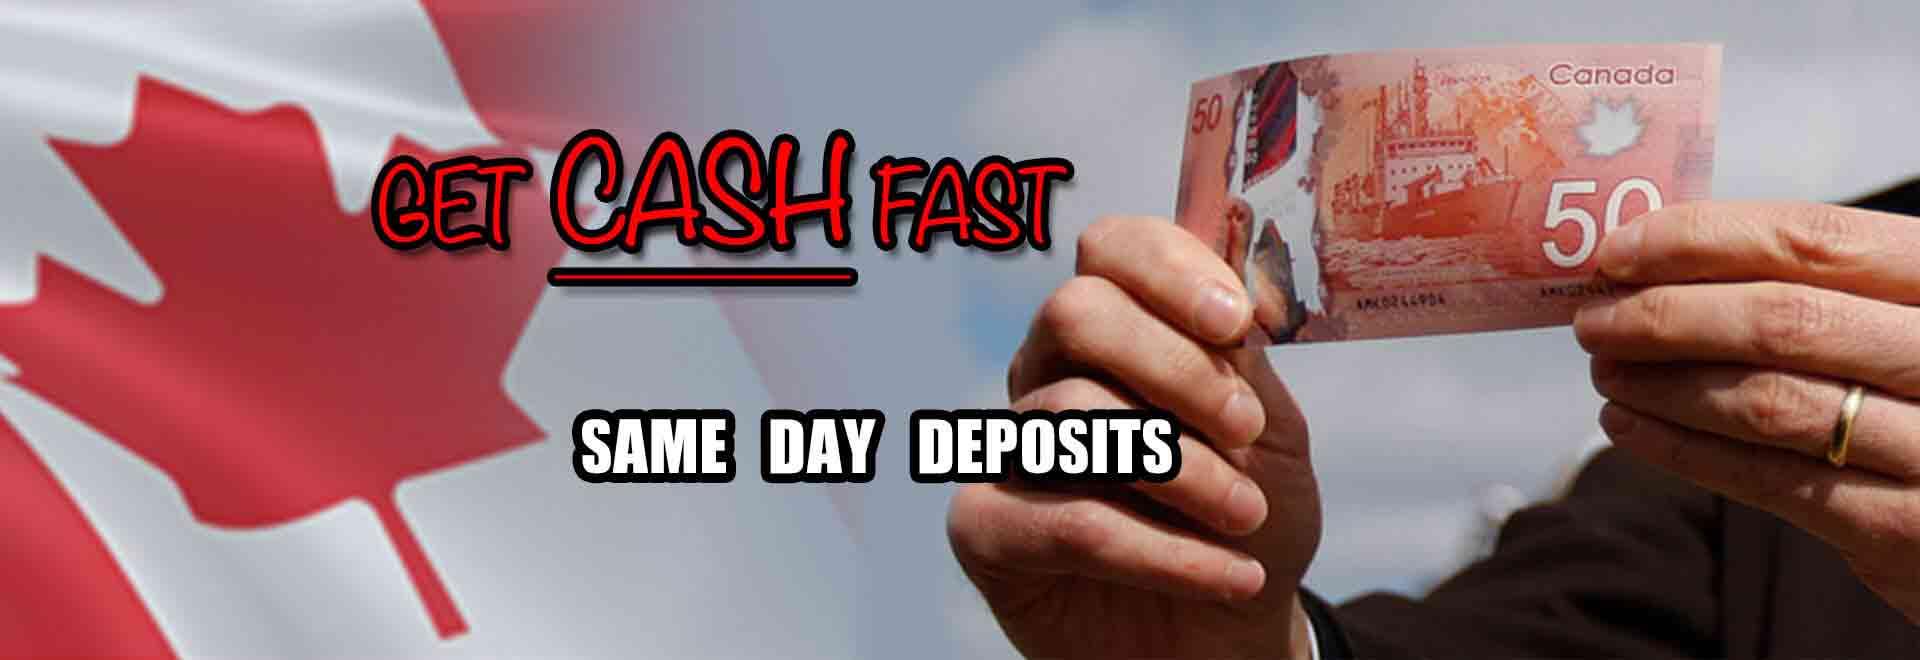 Payday loan advance image 10